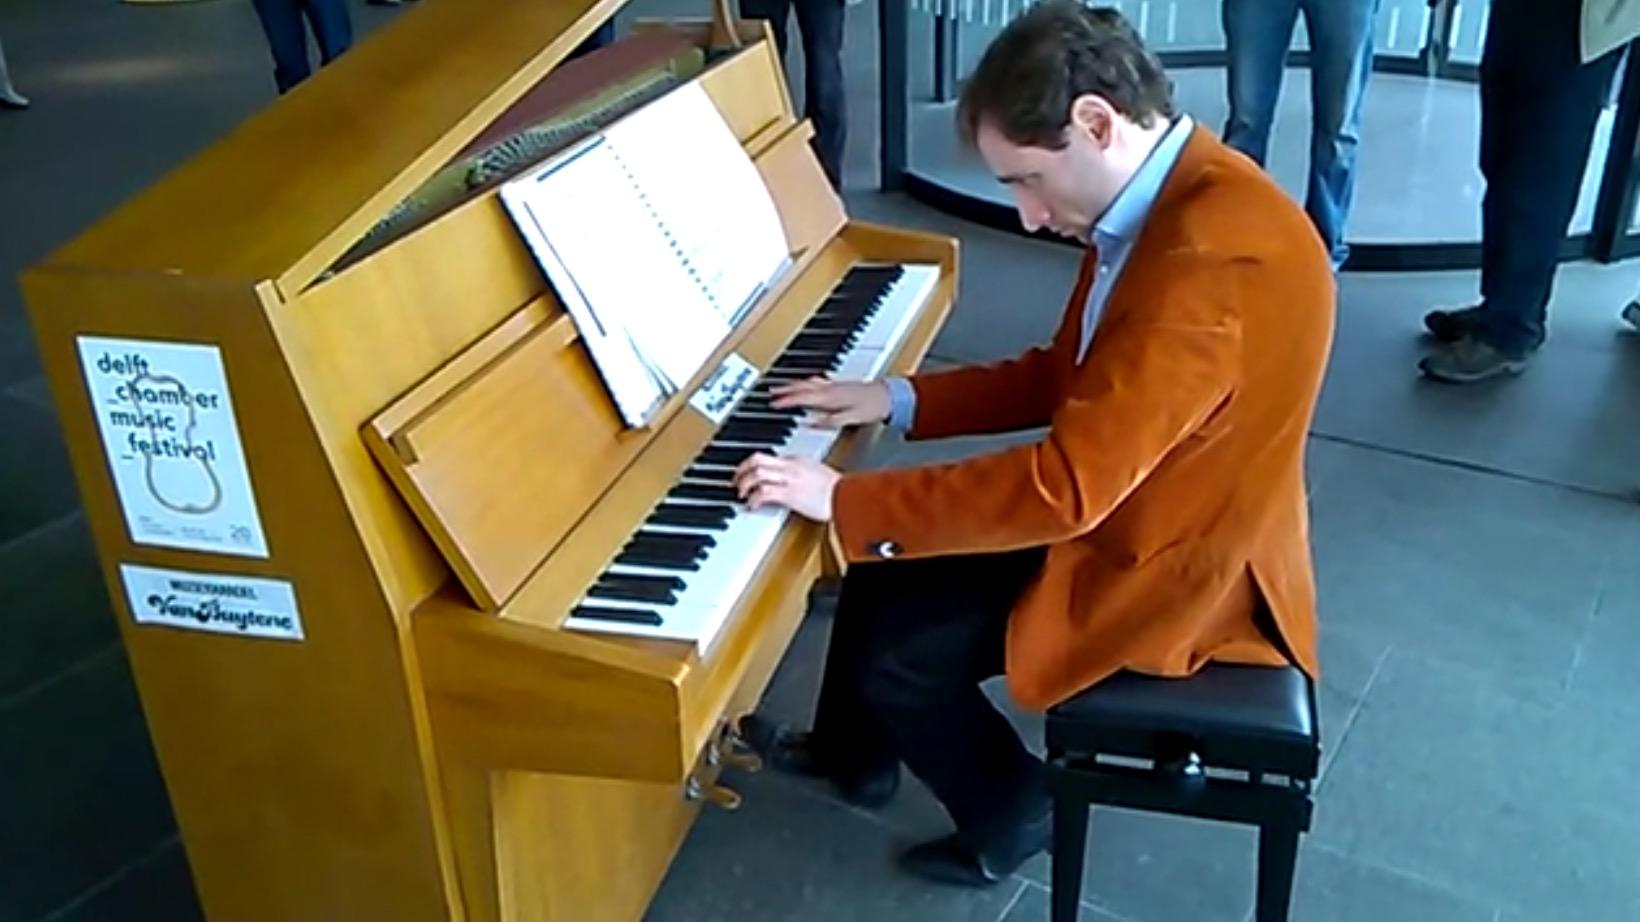 遅延で暇になった国際的ピアニストが、その場にあったピアノで演奏!拍手喝采のラストに!!